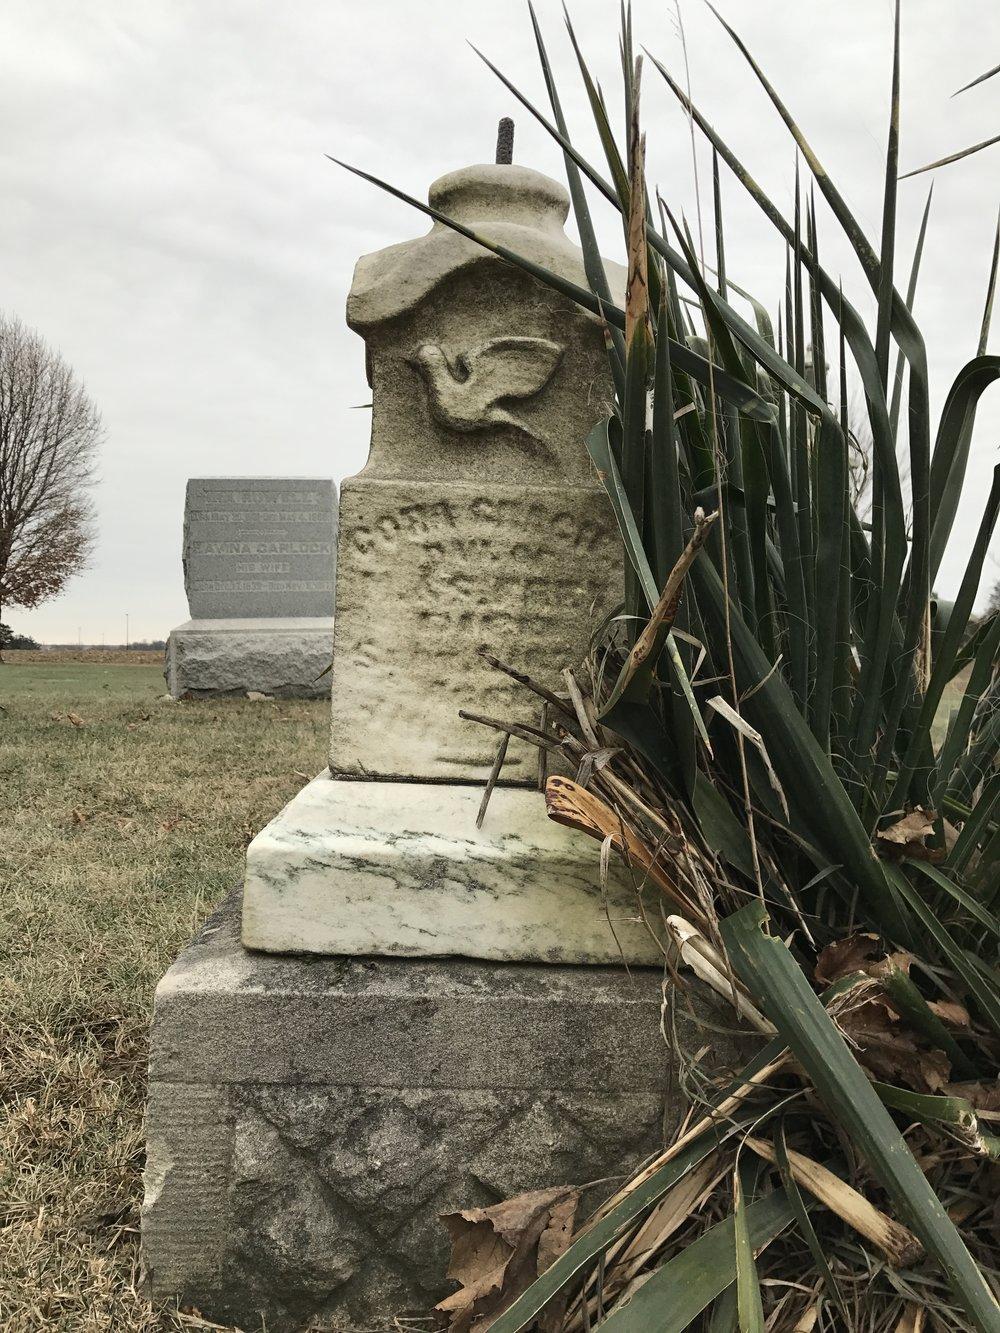 Wintz Lawn Cemetery